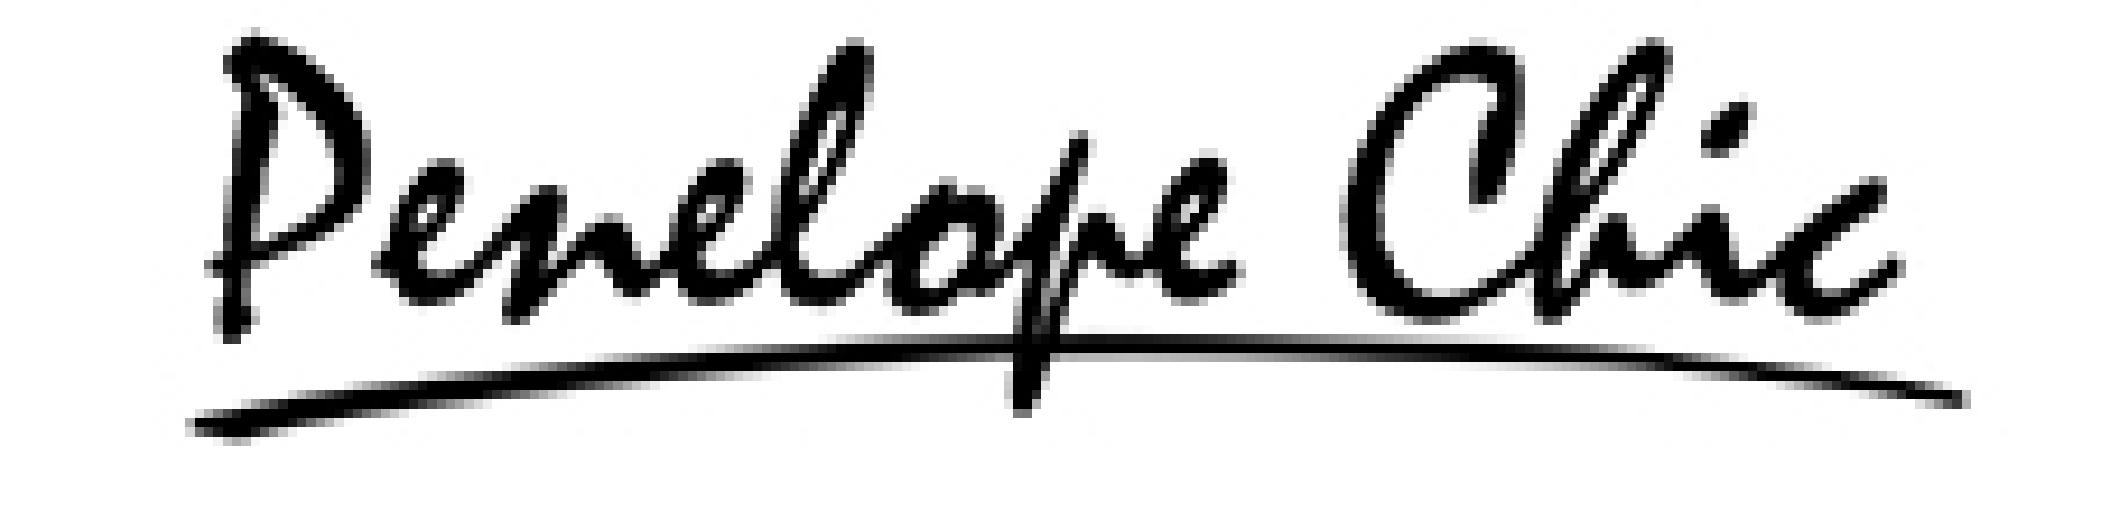 Logo Penélope Chic - Taman 2015, S.L